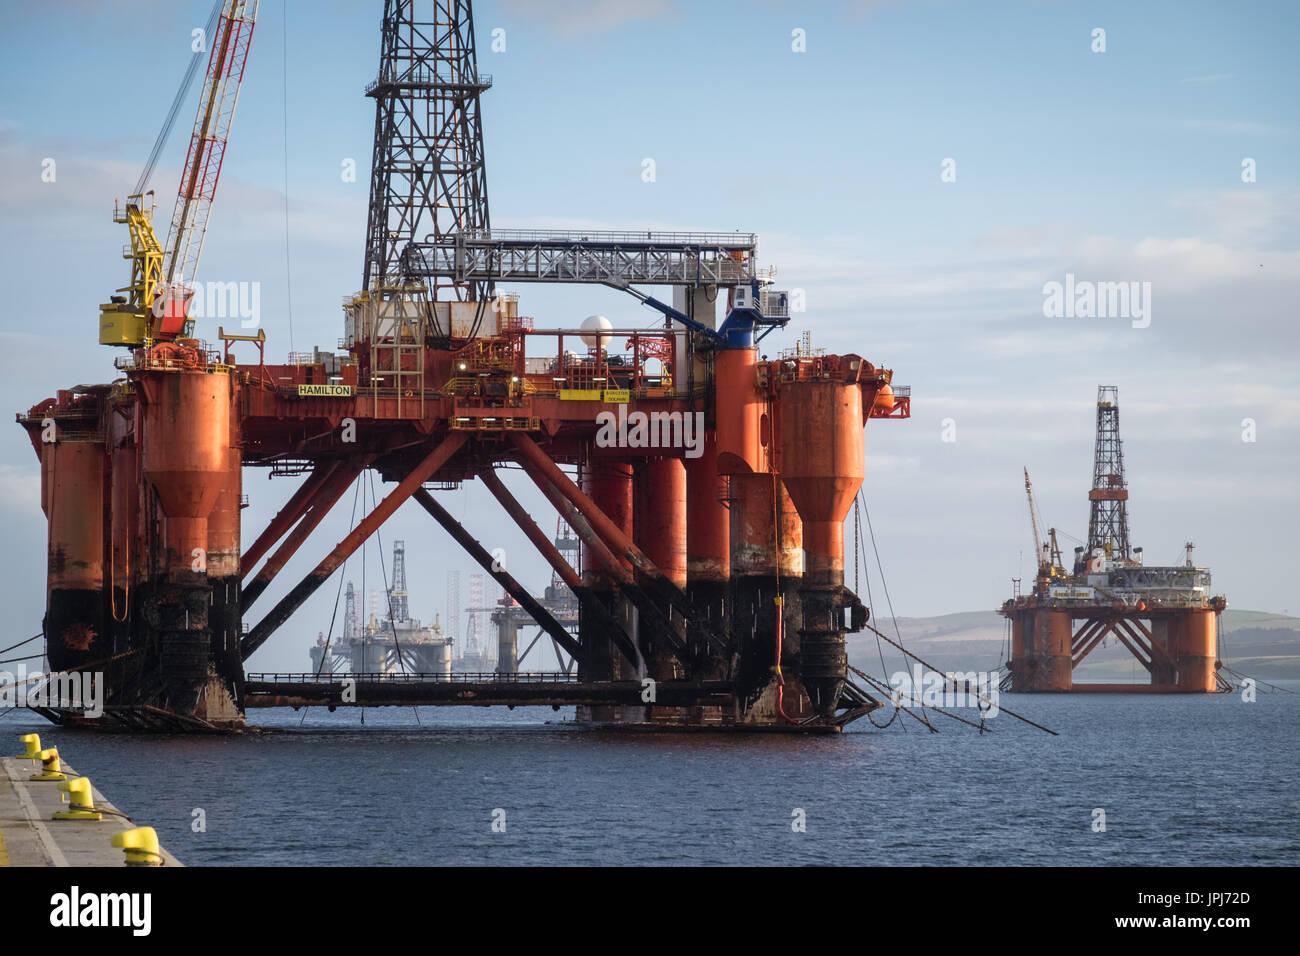 La plate-forme de forage, Borgsten Dolphin, amarré dans le port écossais de Invergordon Photo Stock